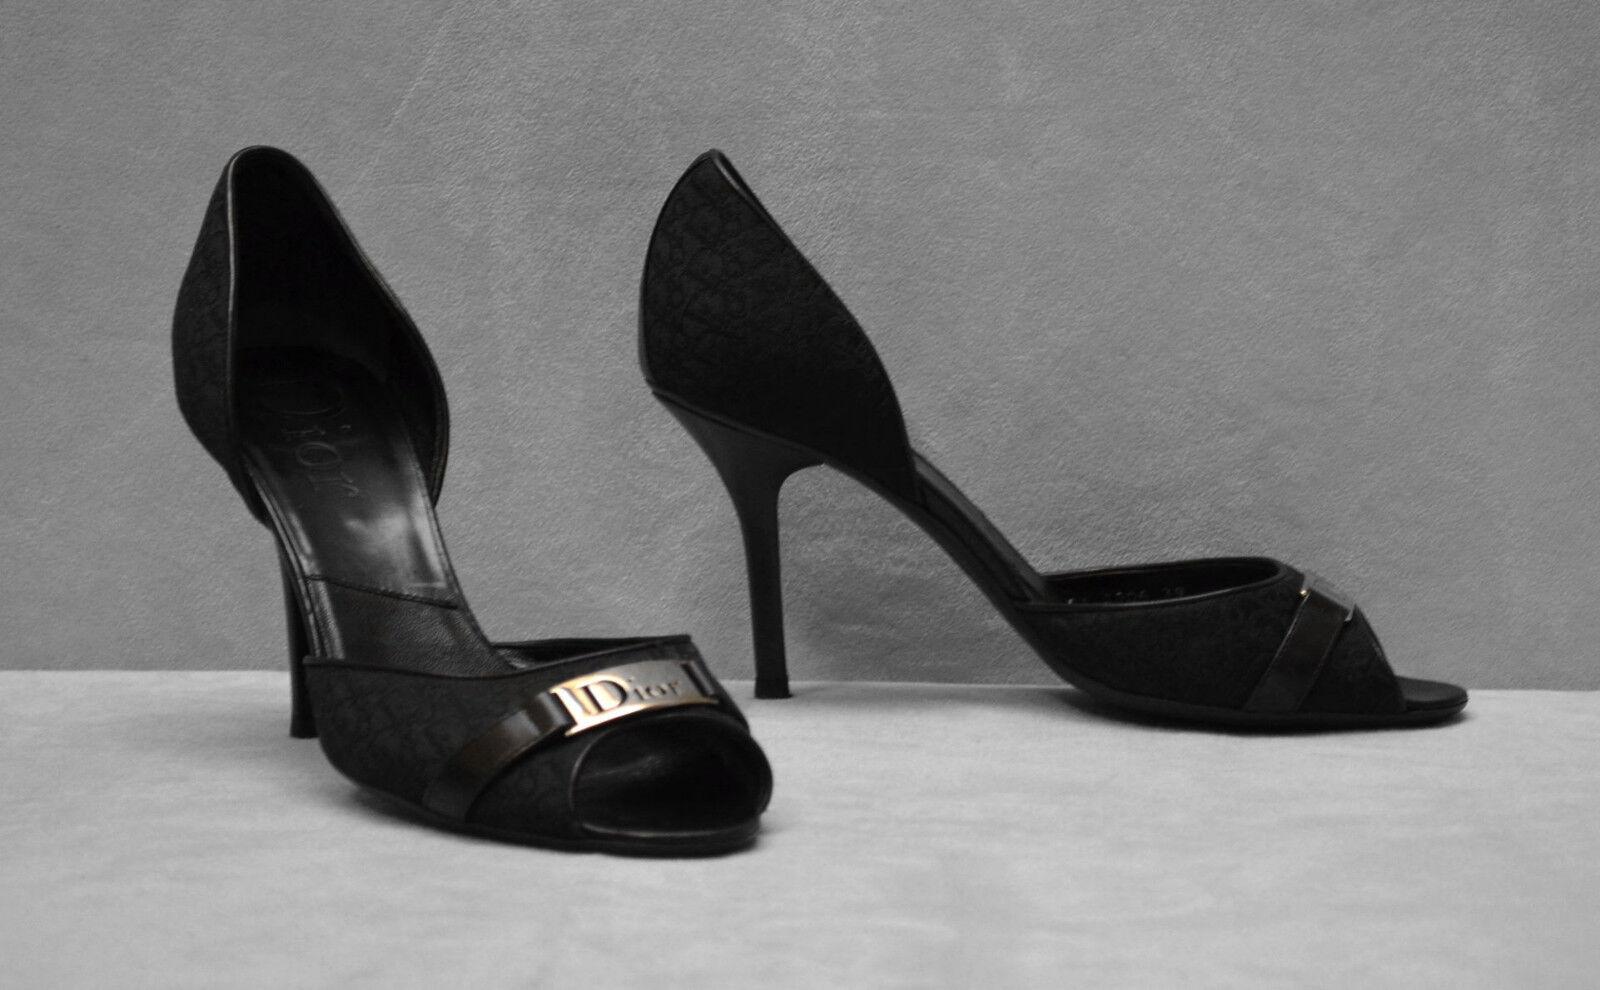 D0 Negro Auth Christian Dior con el logotipo de lona lona lona Placa De Metal Puntera abierta Tacones Zapatos Talla 39  mejor precio